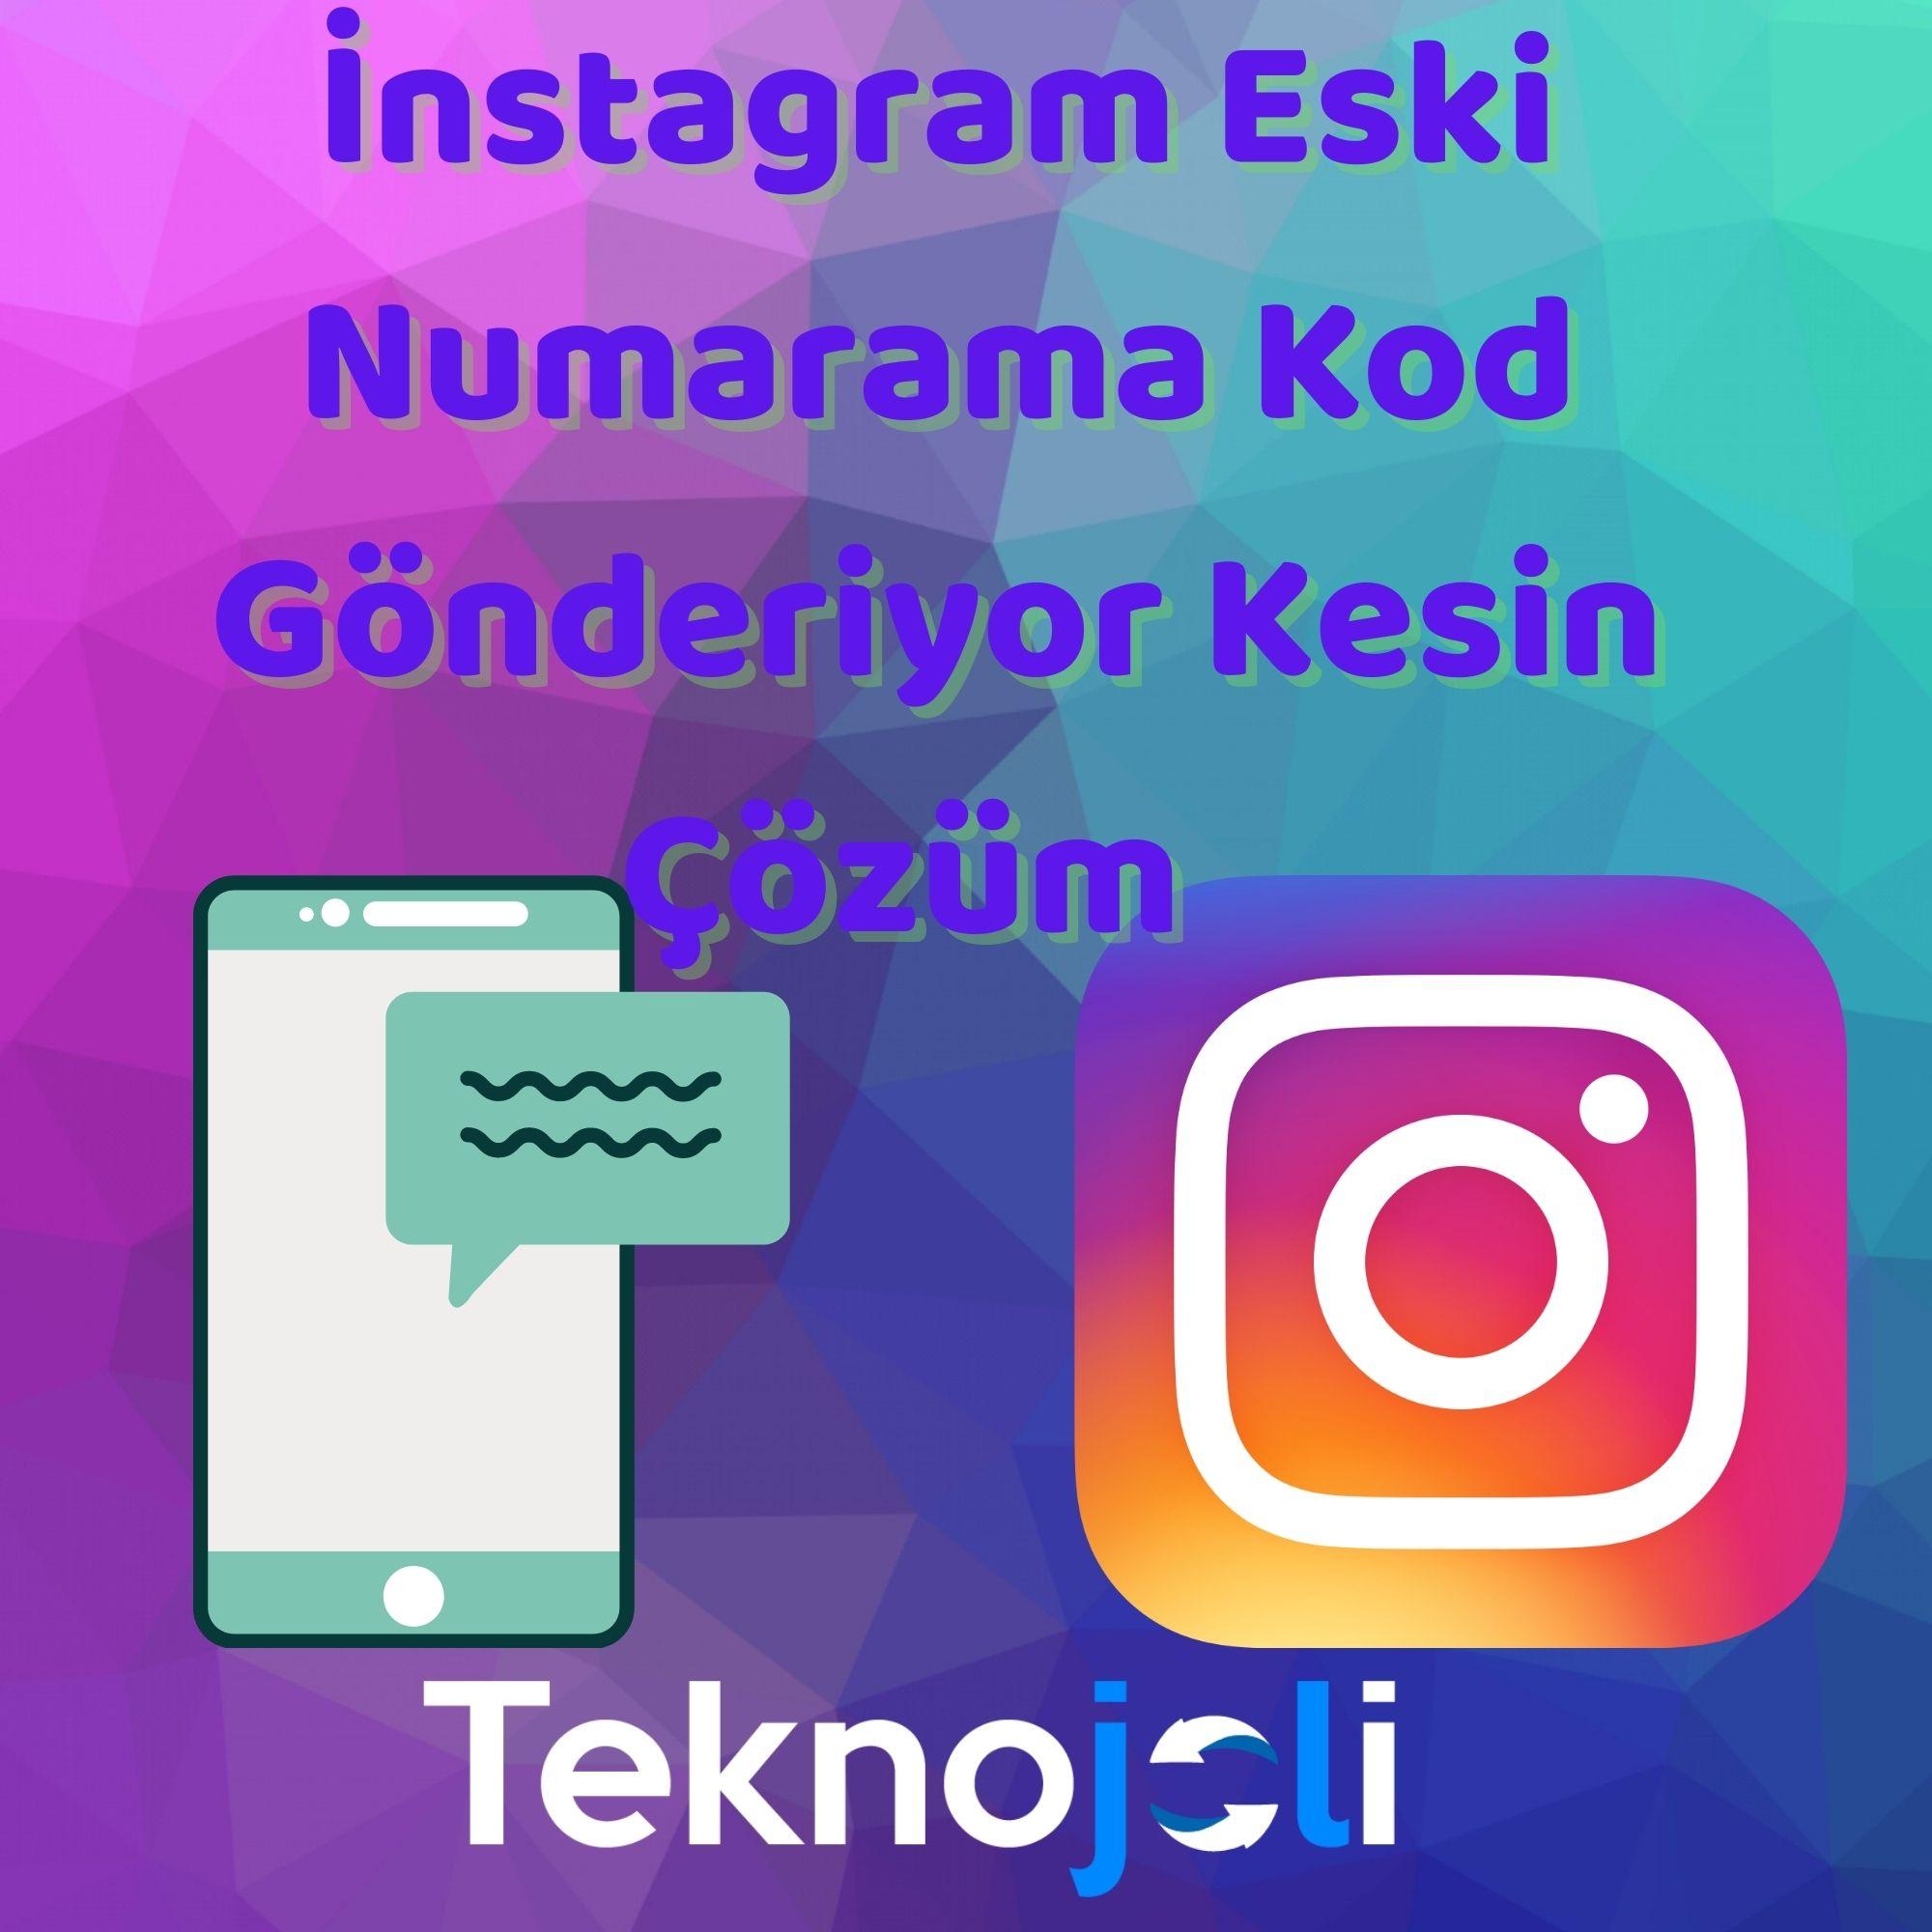 Instagram onay kodueskihattıma gidiyor